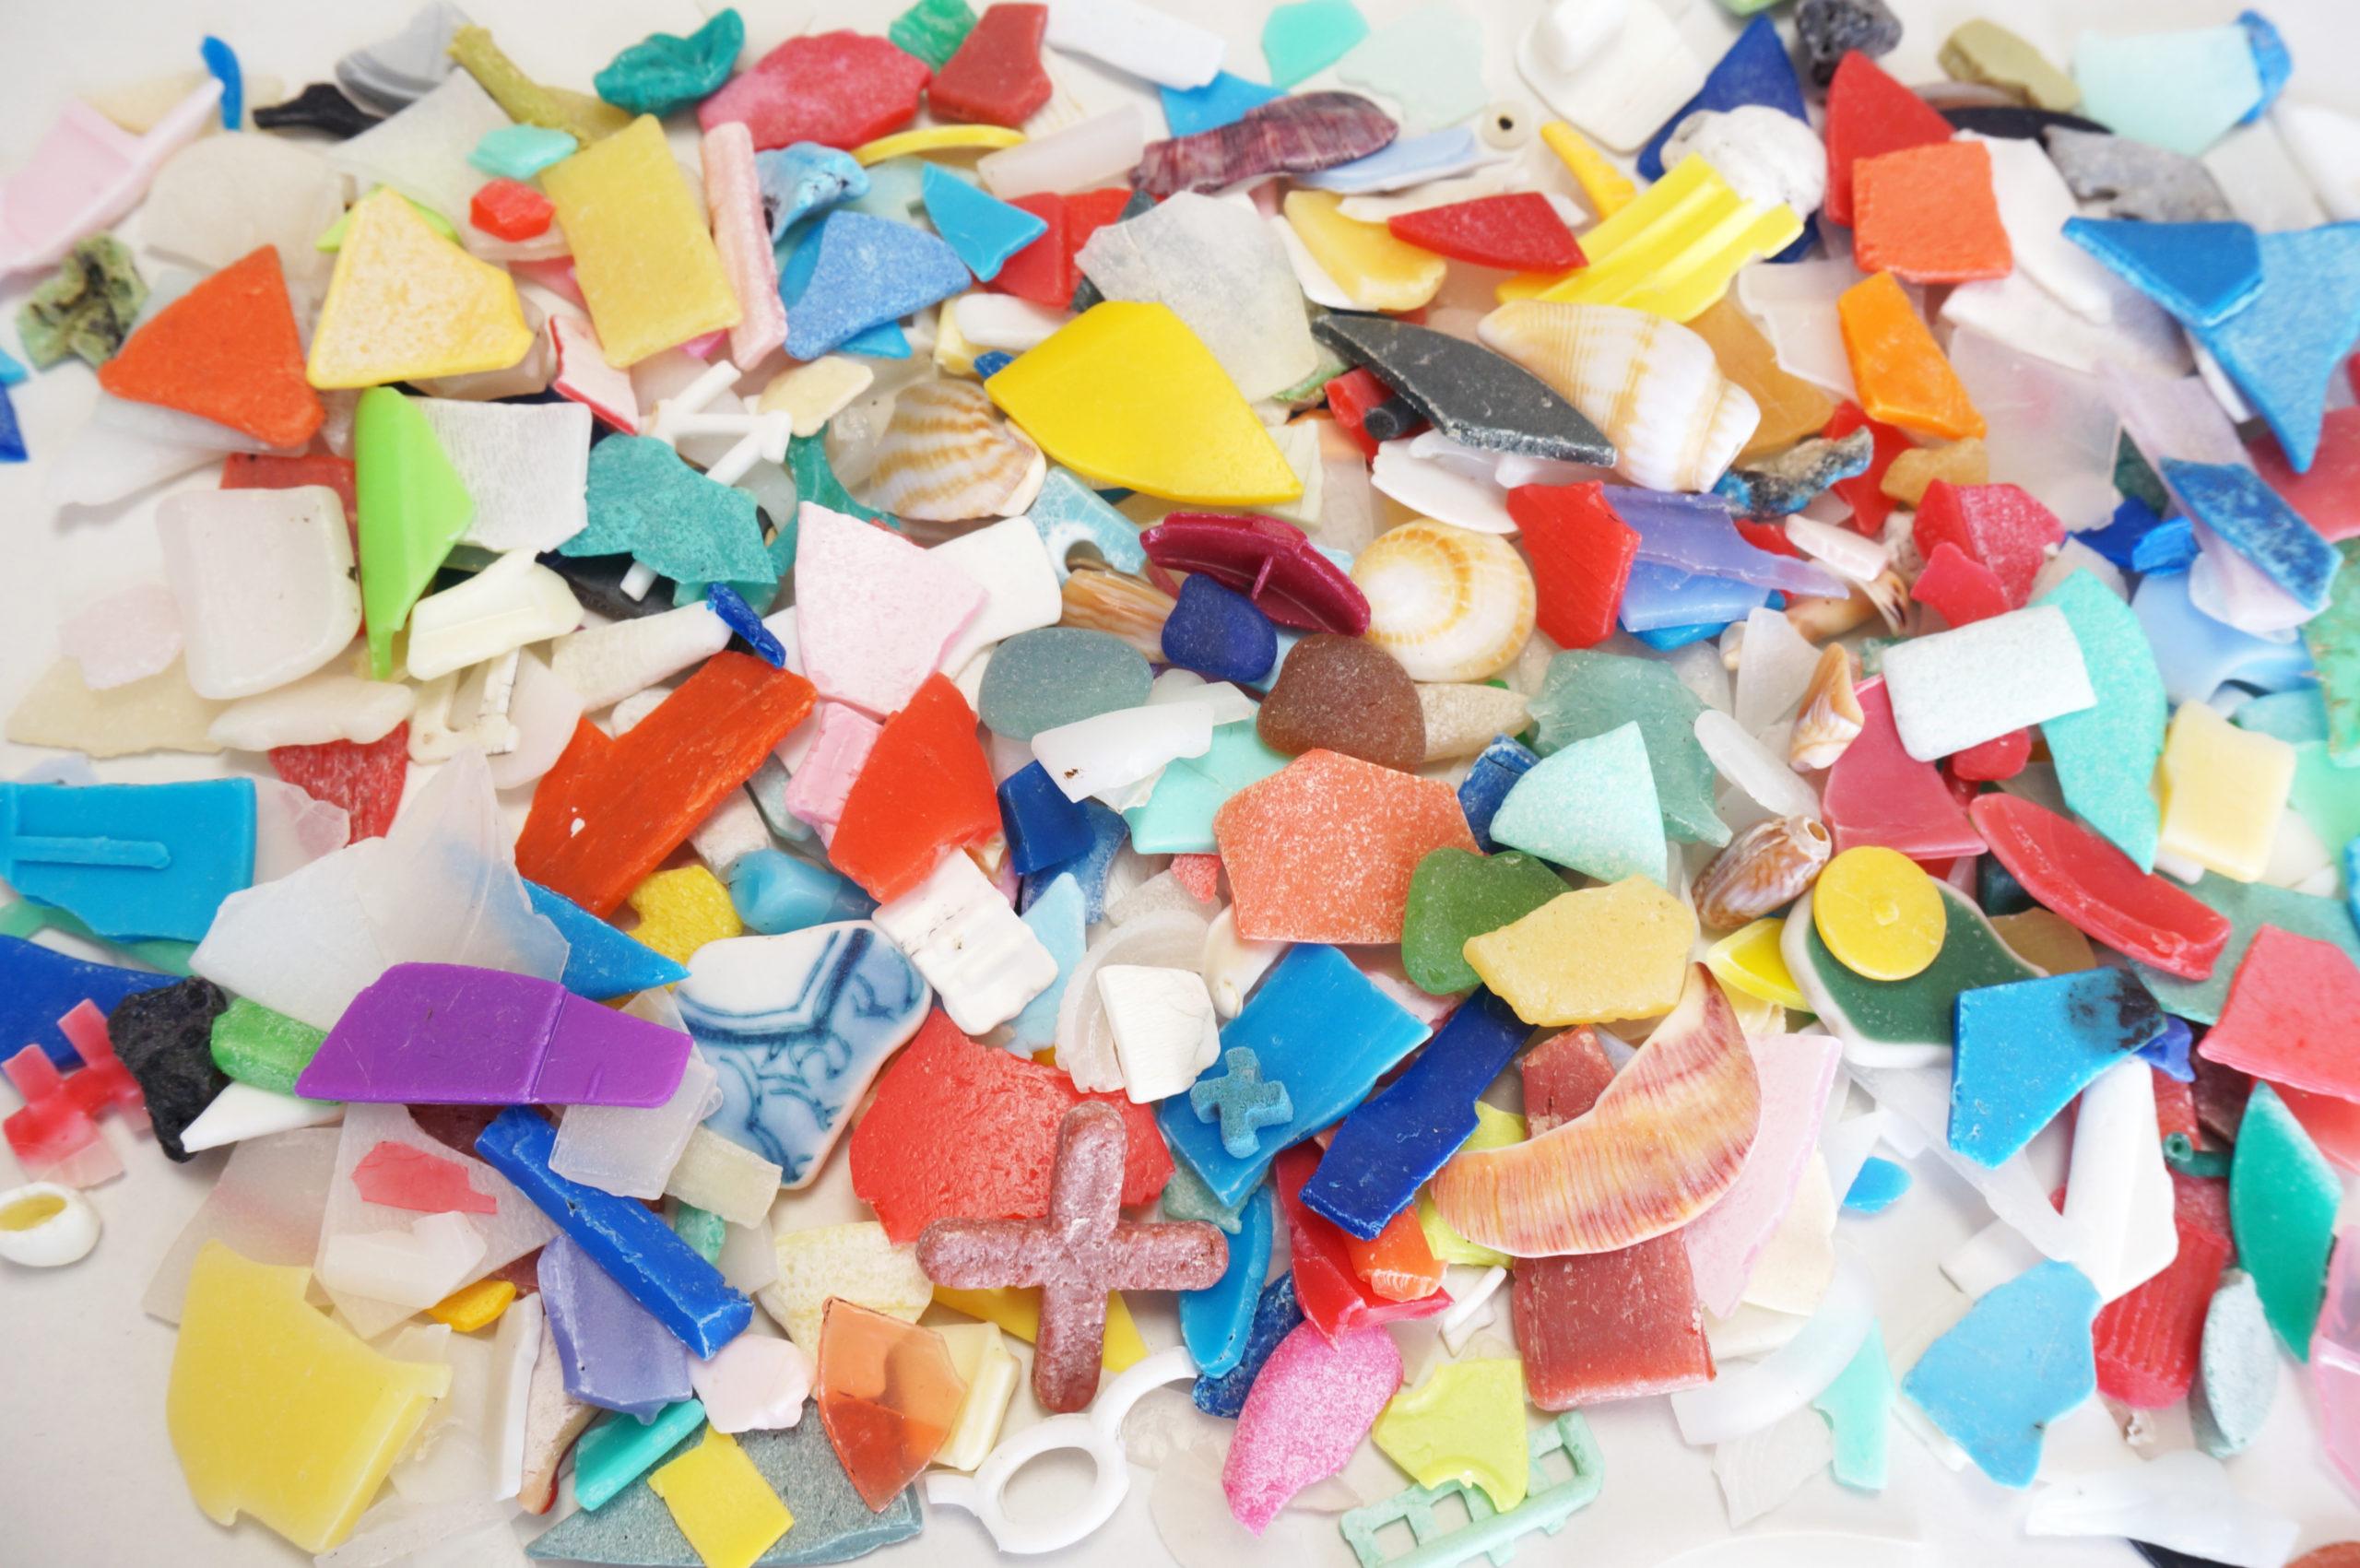 【講座】里地里山学講座 第4講 「海ごみから見えてくる環境問題 ~2つのスコープでのぞくマイクロプラスチックの世界~」